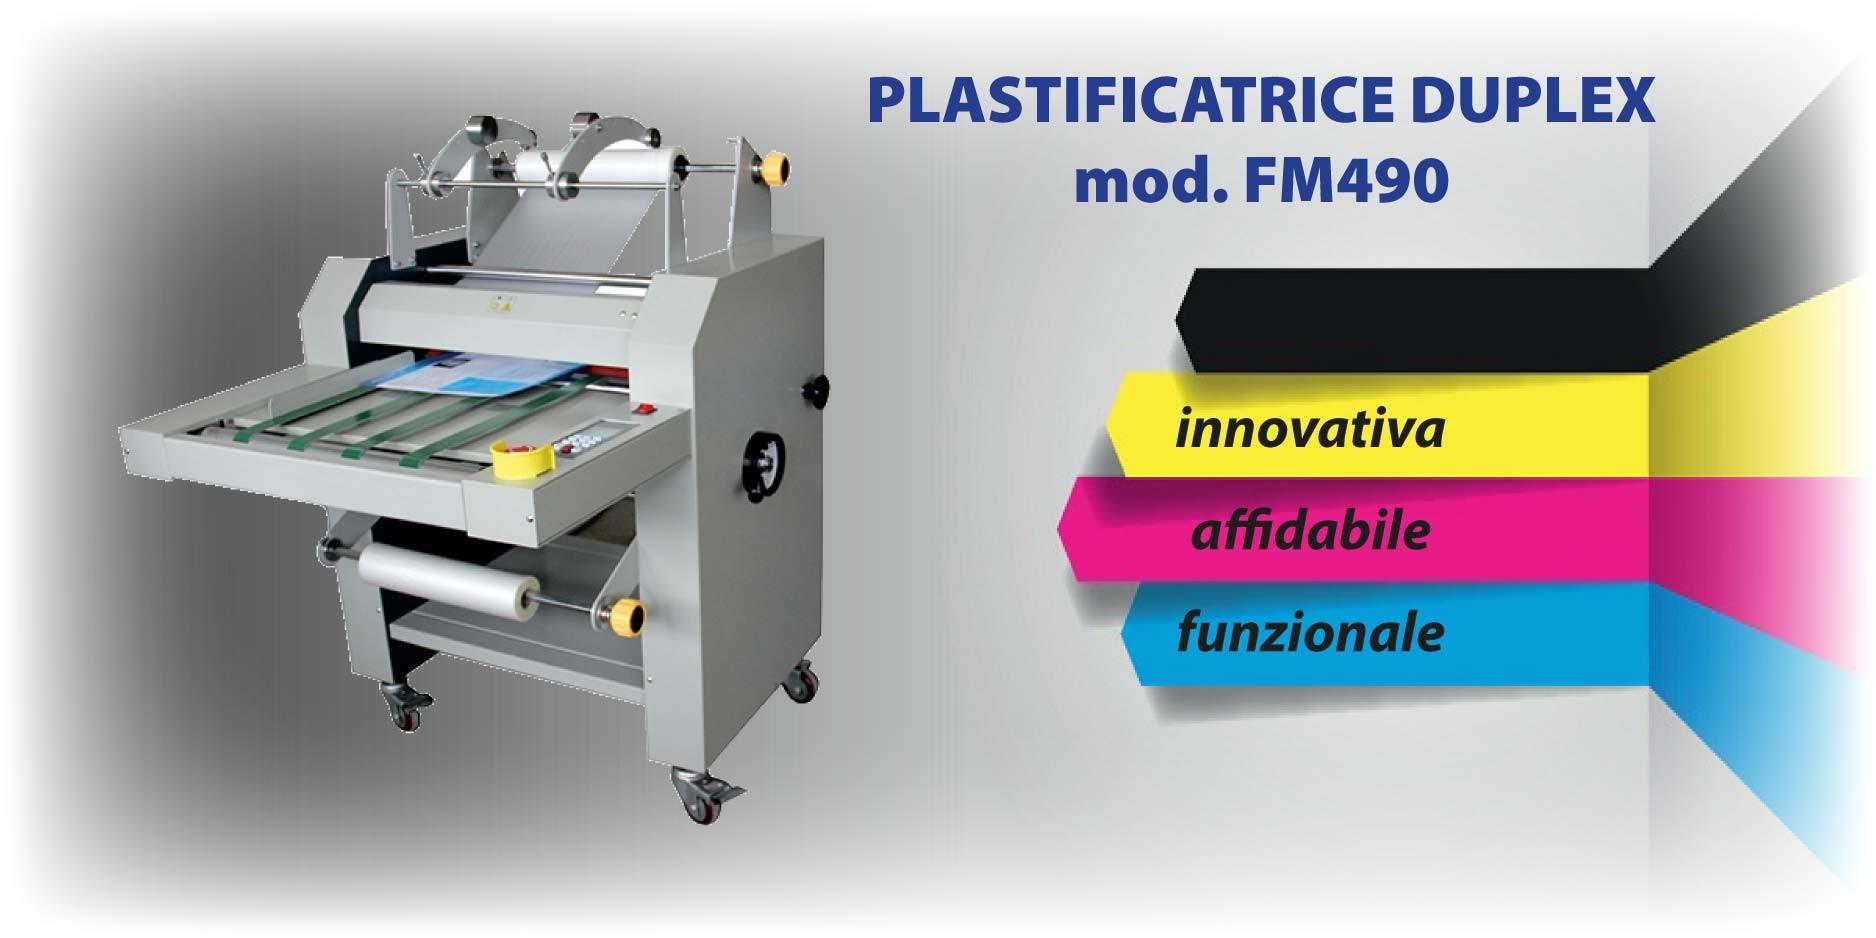 Plastificatrice FM490